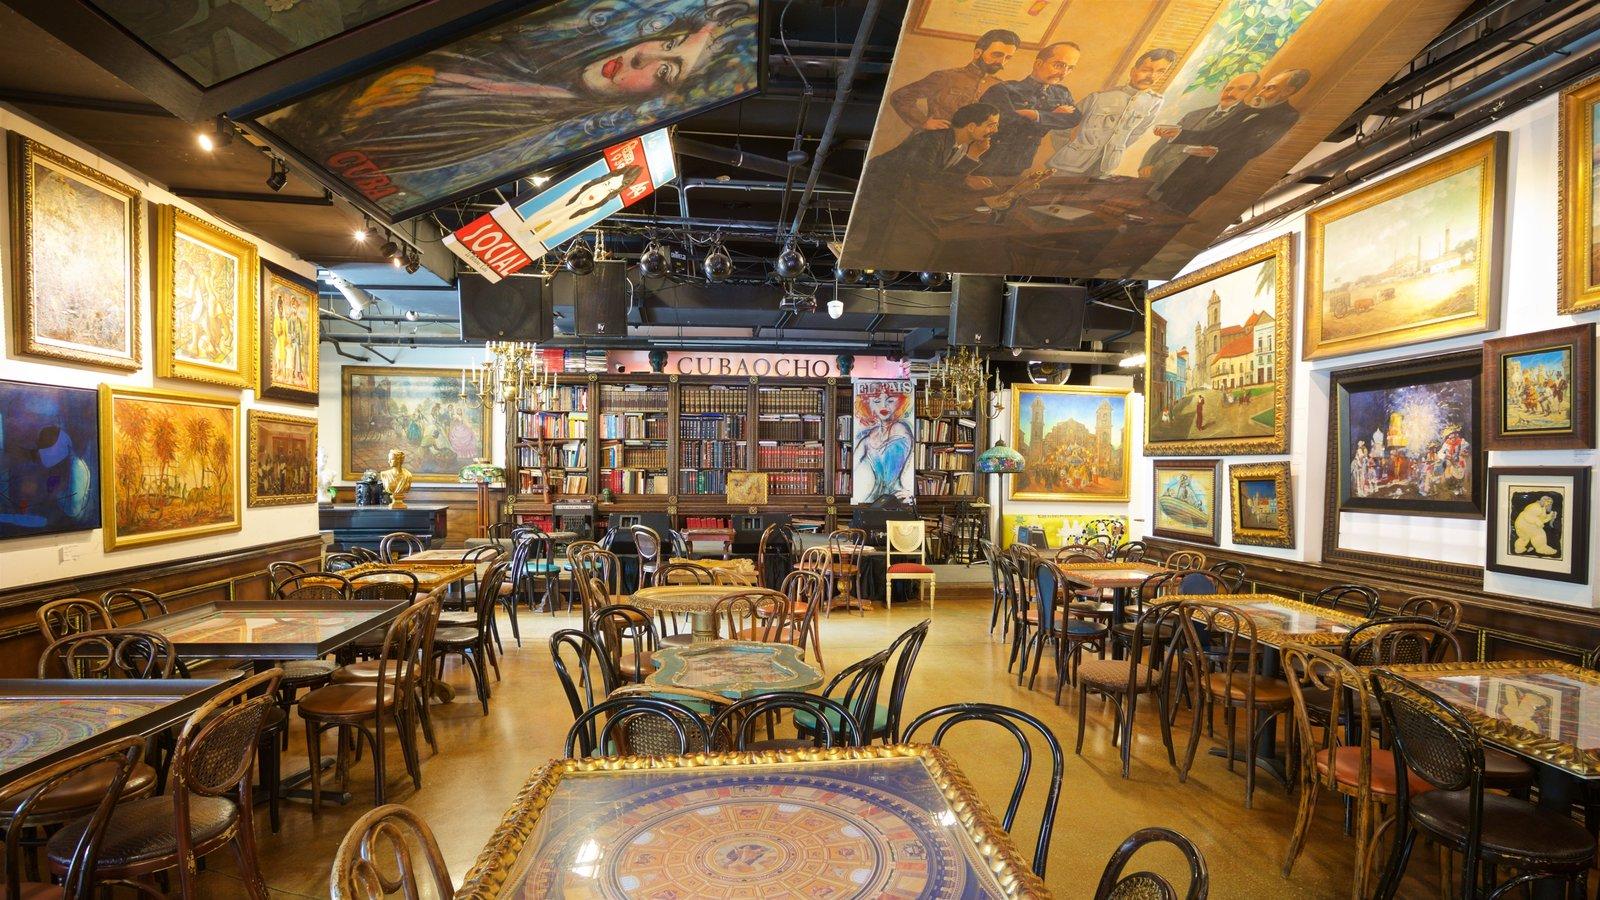 Cuba Ocho mostrando arte y vistas interiores